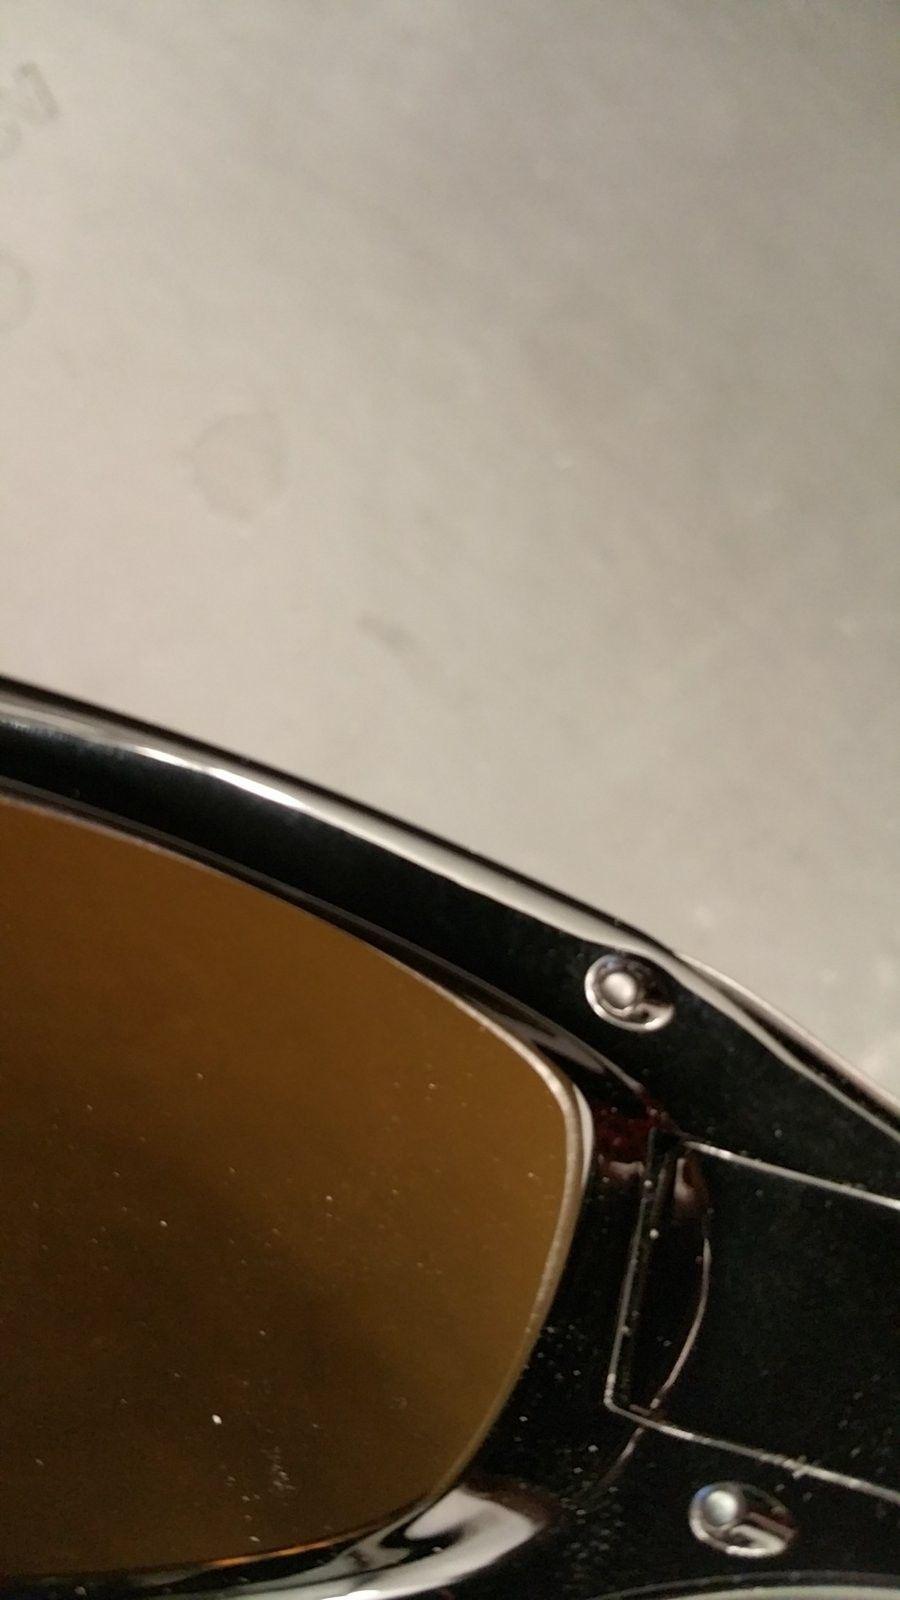 Pb1 dark bronze lenses - 20160315_180826.jpg